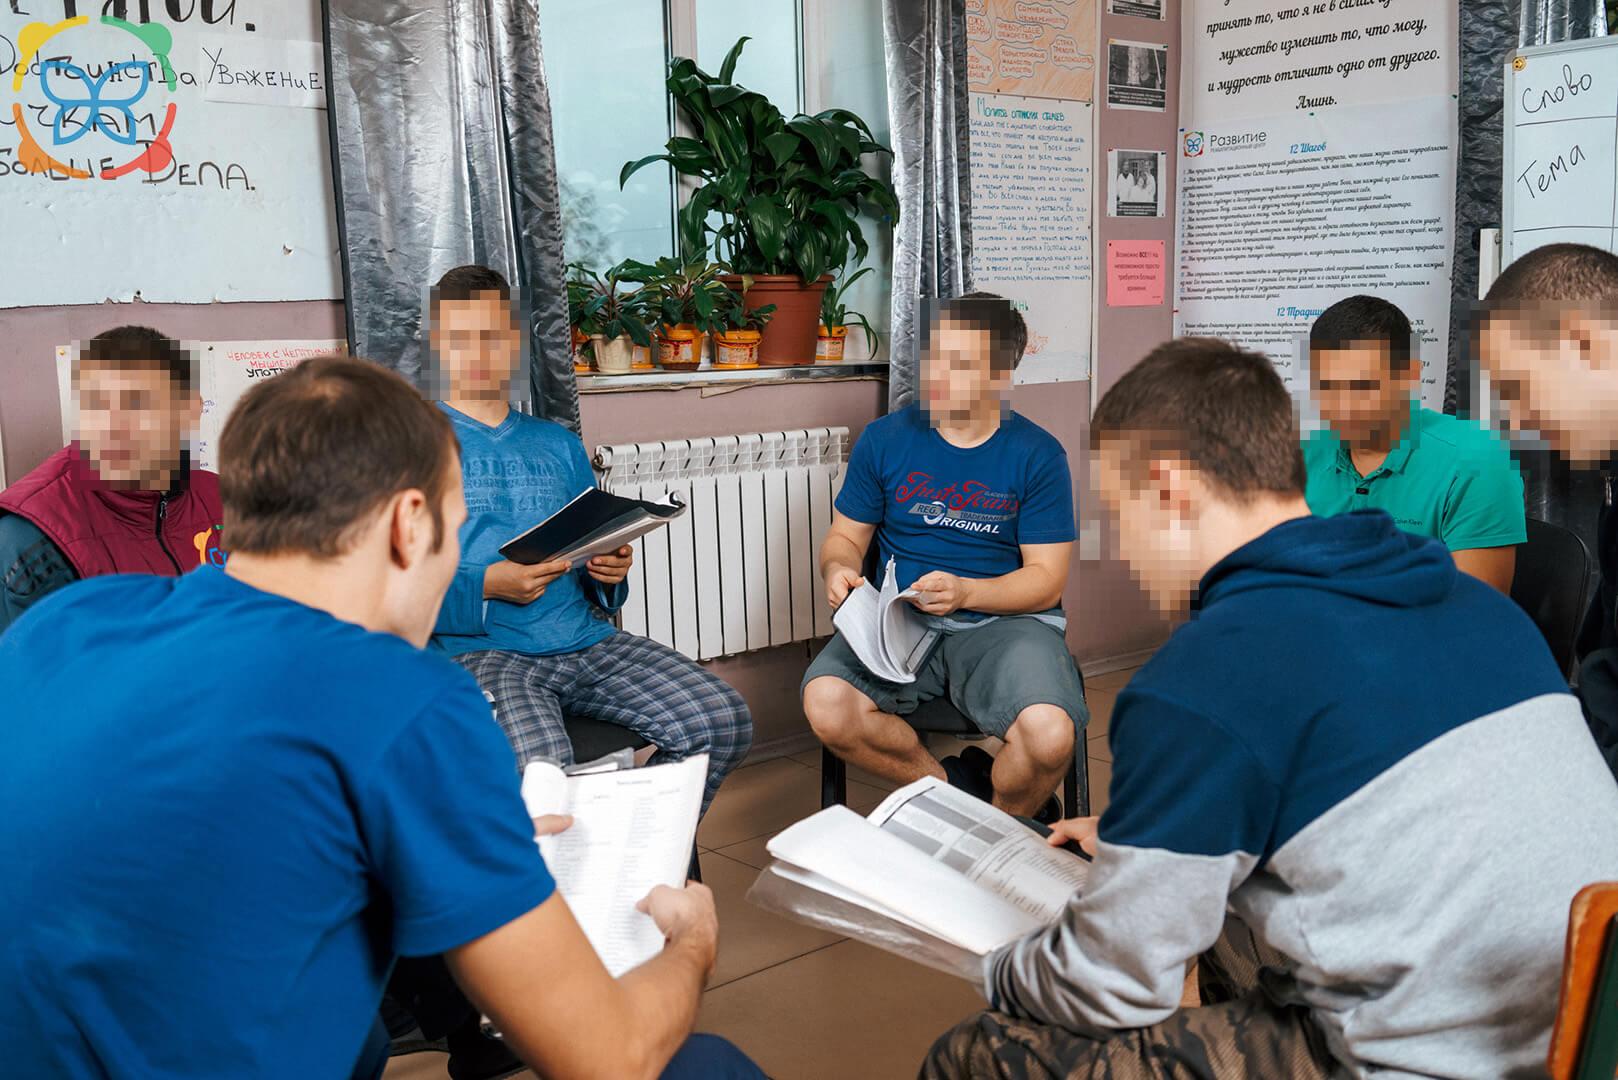 Реабилитационный центр лечения наркомании санкт петербург наркологическая клиника на алтуфьевском шоссе 28